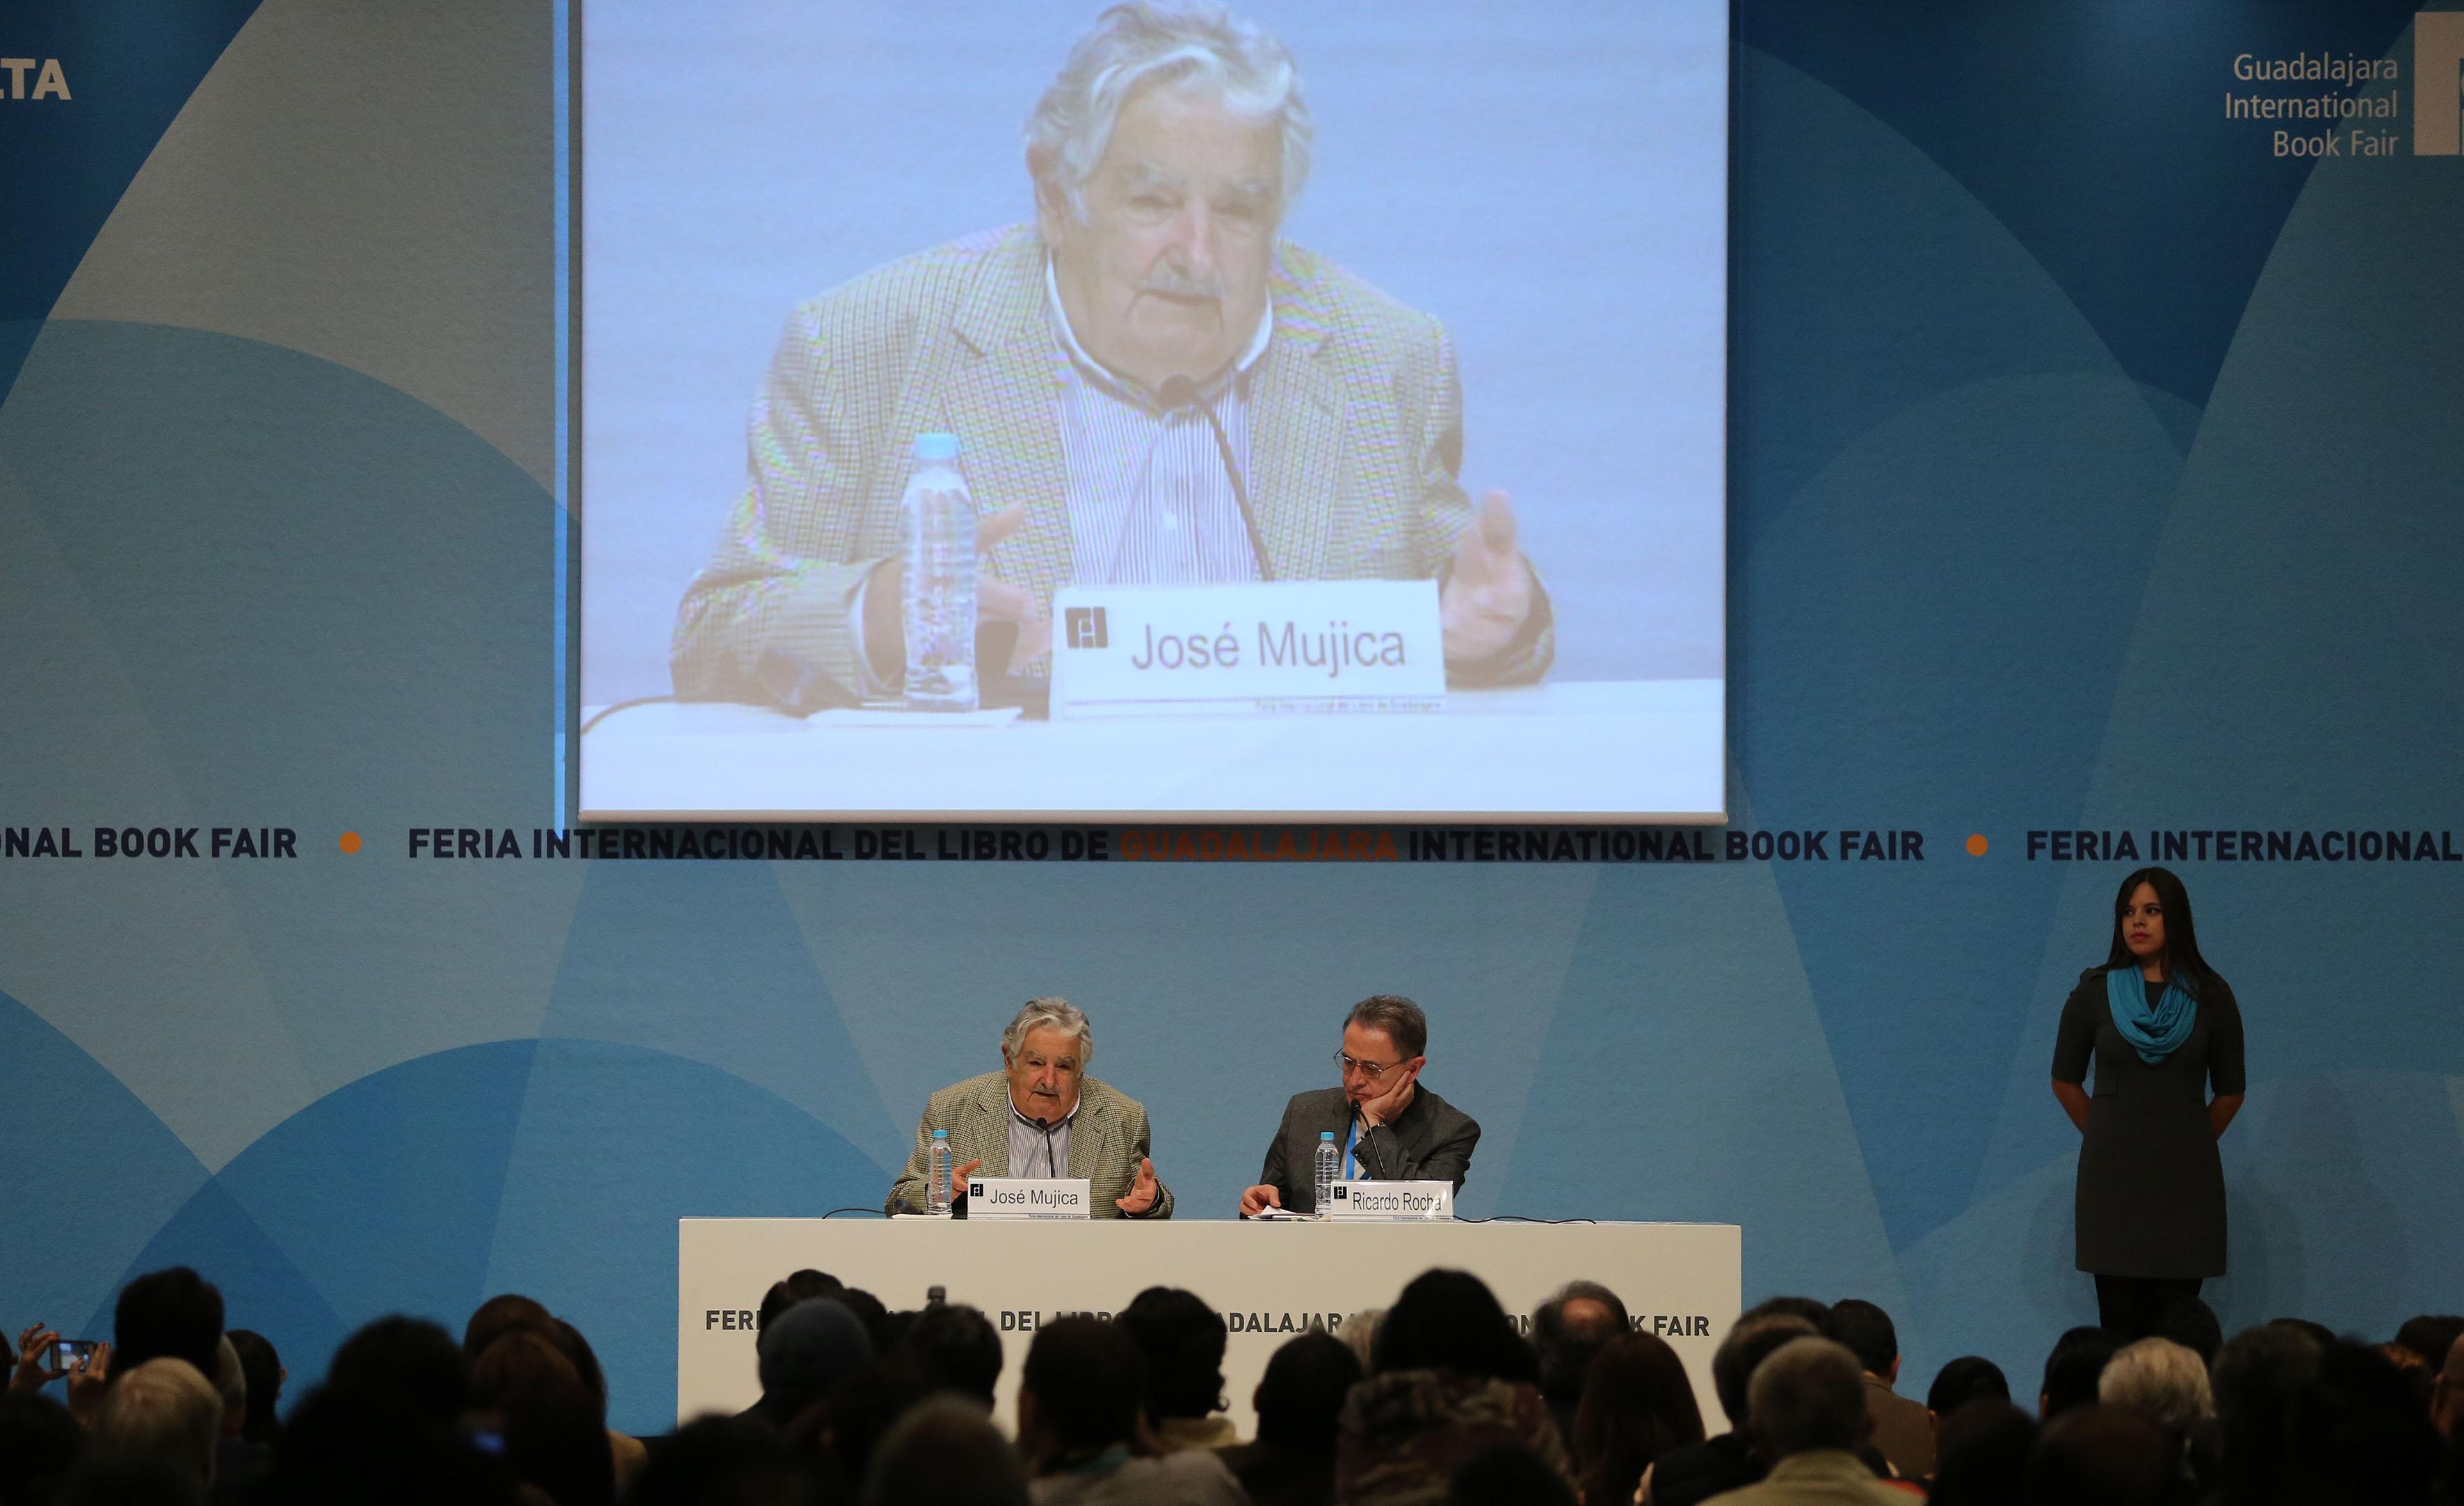 El presidente de Uruguay sostuvo un diálogo con el periodista Ricardo Rocha en la FIL Guadalajara